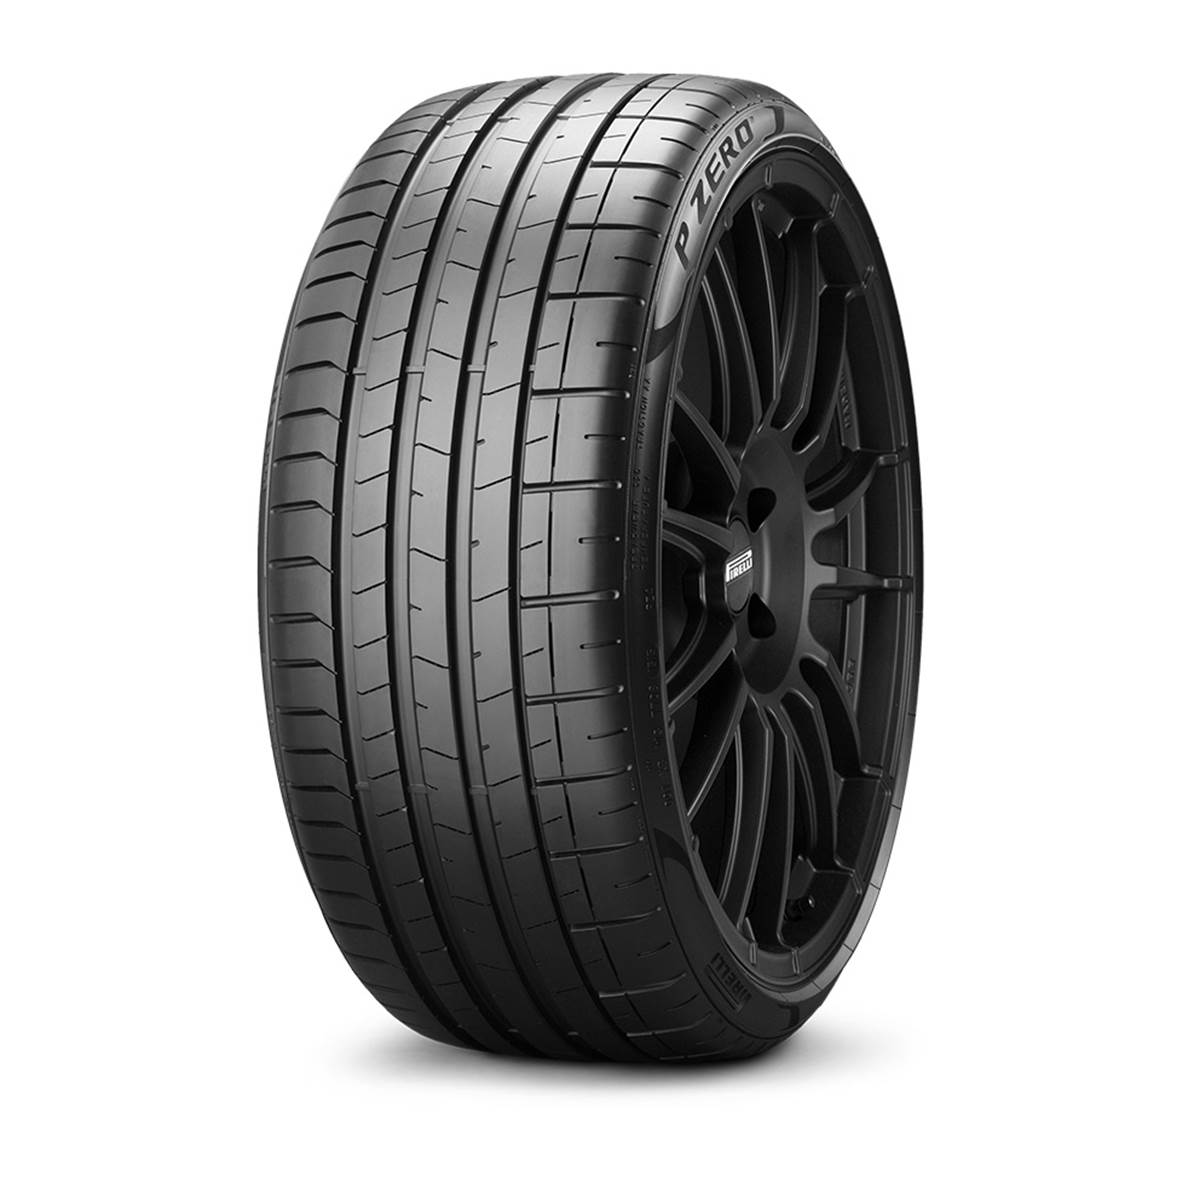 Pneu Pirelli 265/40R19 98Y Pzero